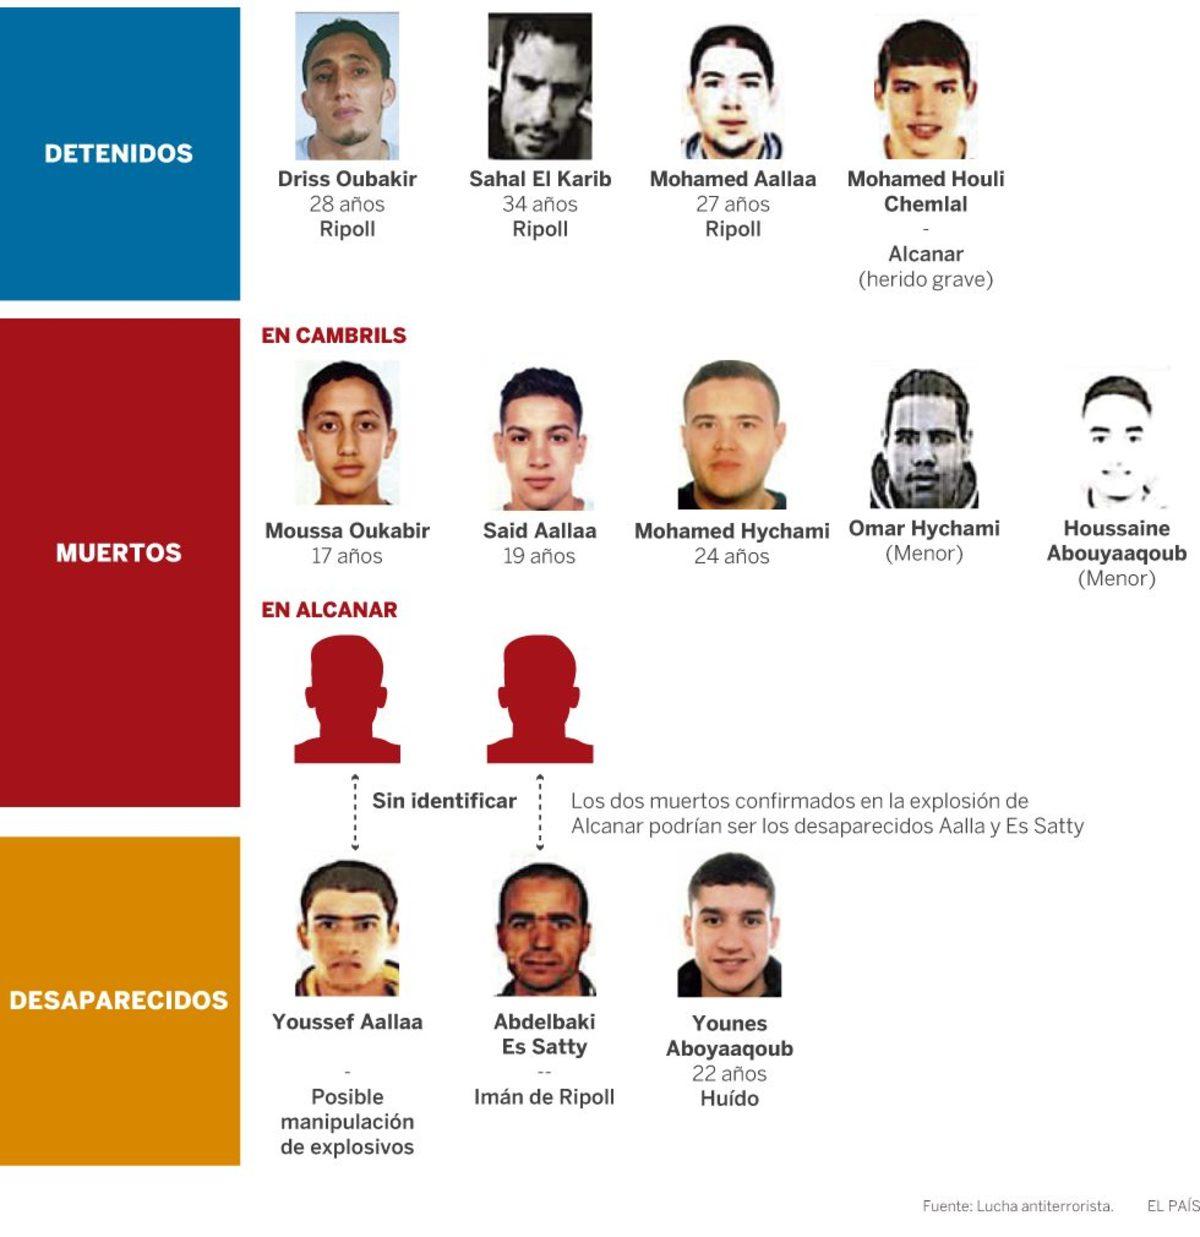 """Βαρκελώνη: Αυτοί είναι οι τζιχαντιστές που αιματοκύλησαν την Las Ramblas – Το σχέδιο με την """"Μητέρα του Σατανά"""" [pics]"""